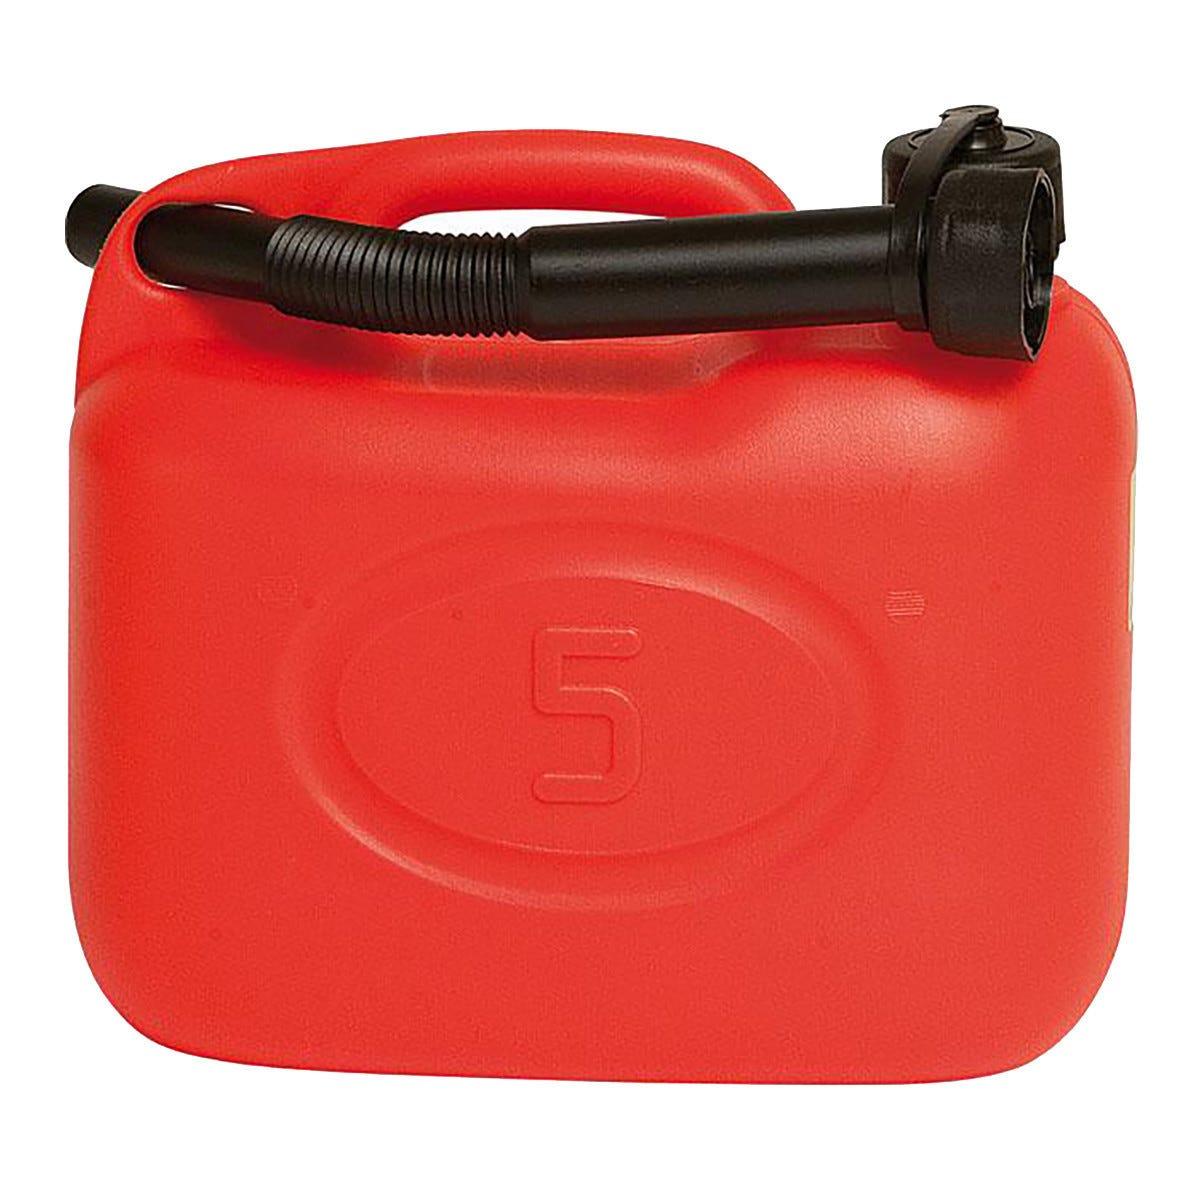 Tanica 5 L Per Carburanti E Oli Con Beccuccio